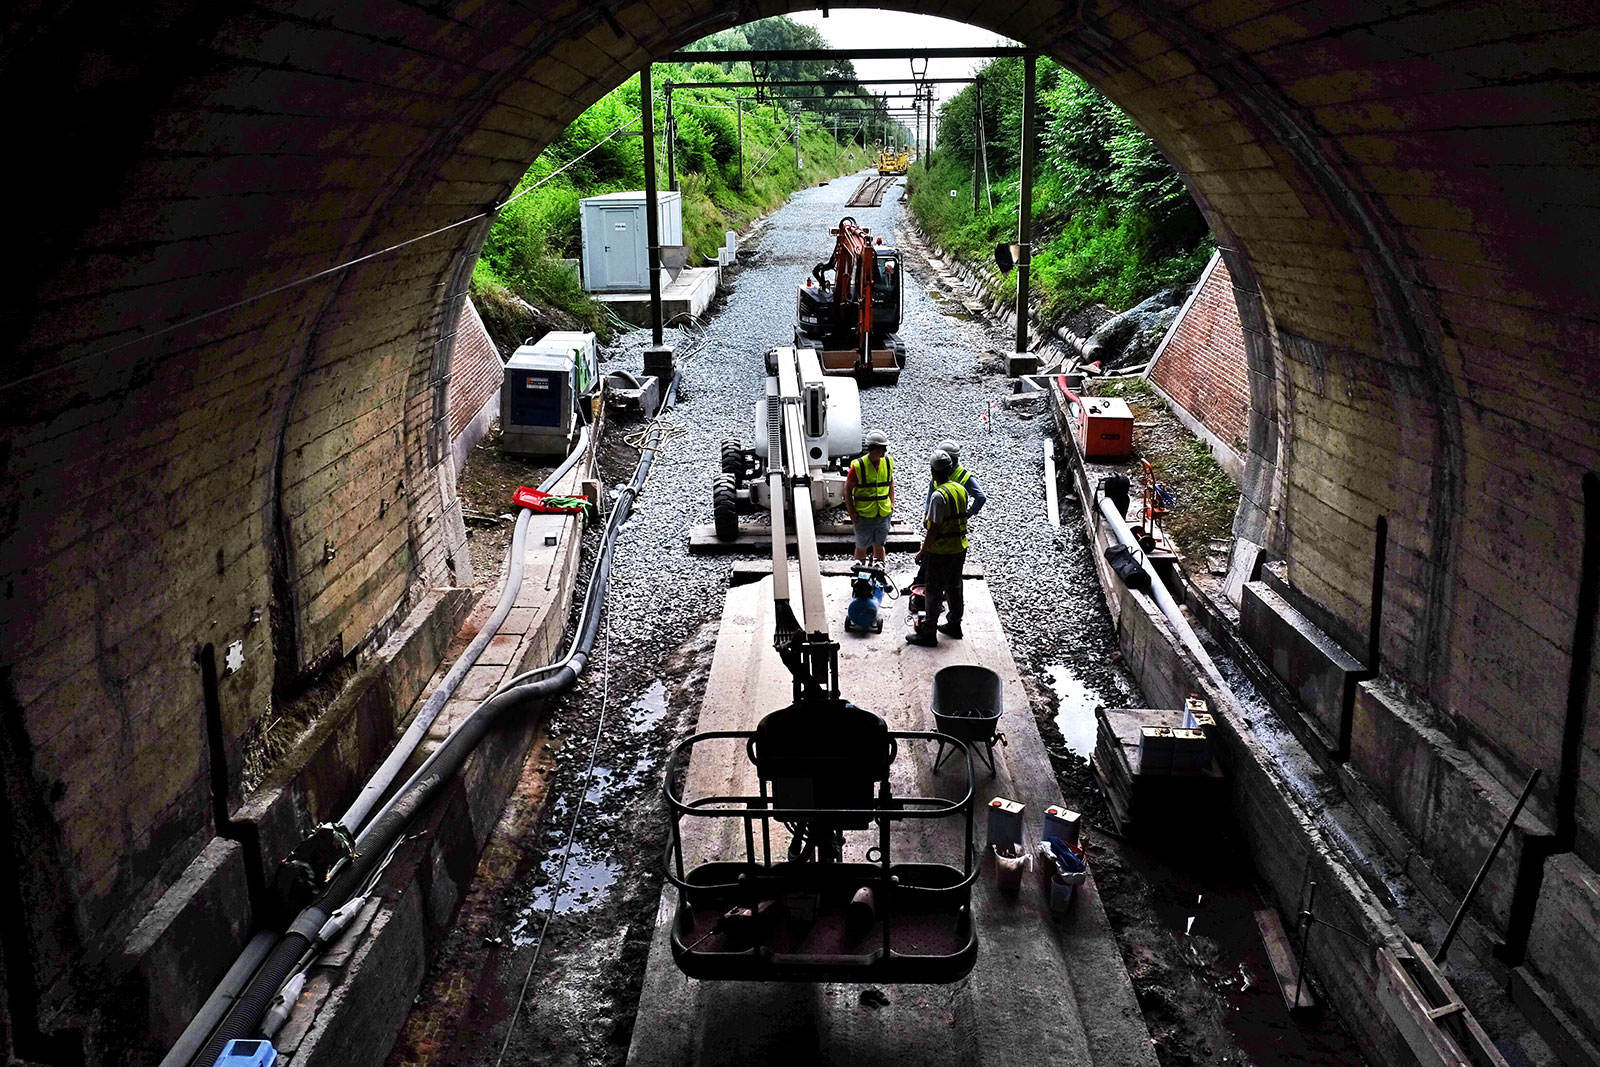 batsleer-infra-tunnel-02